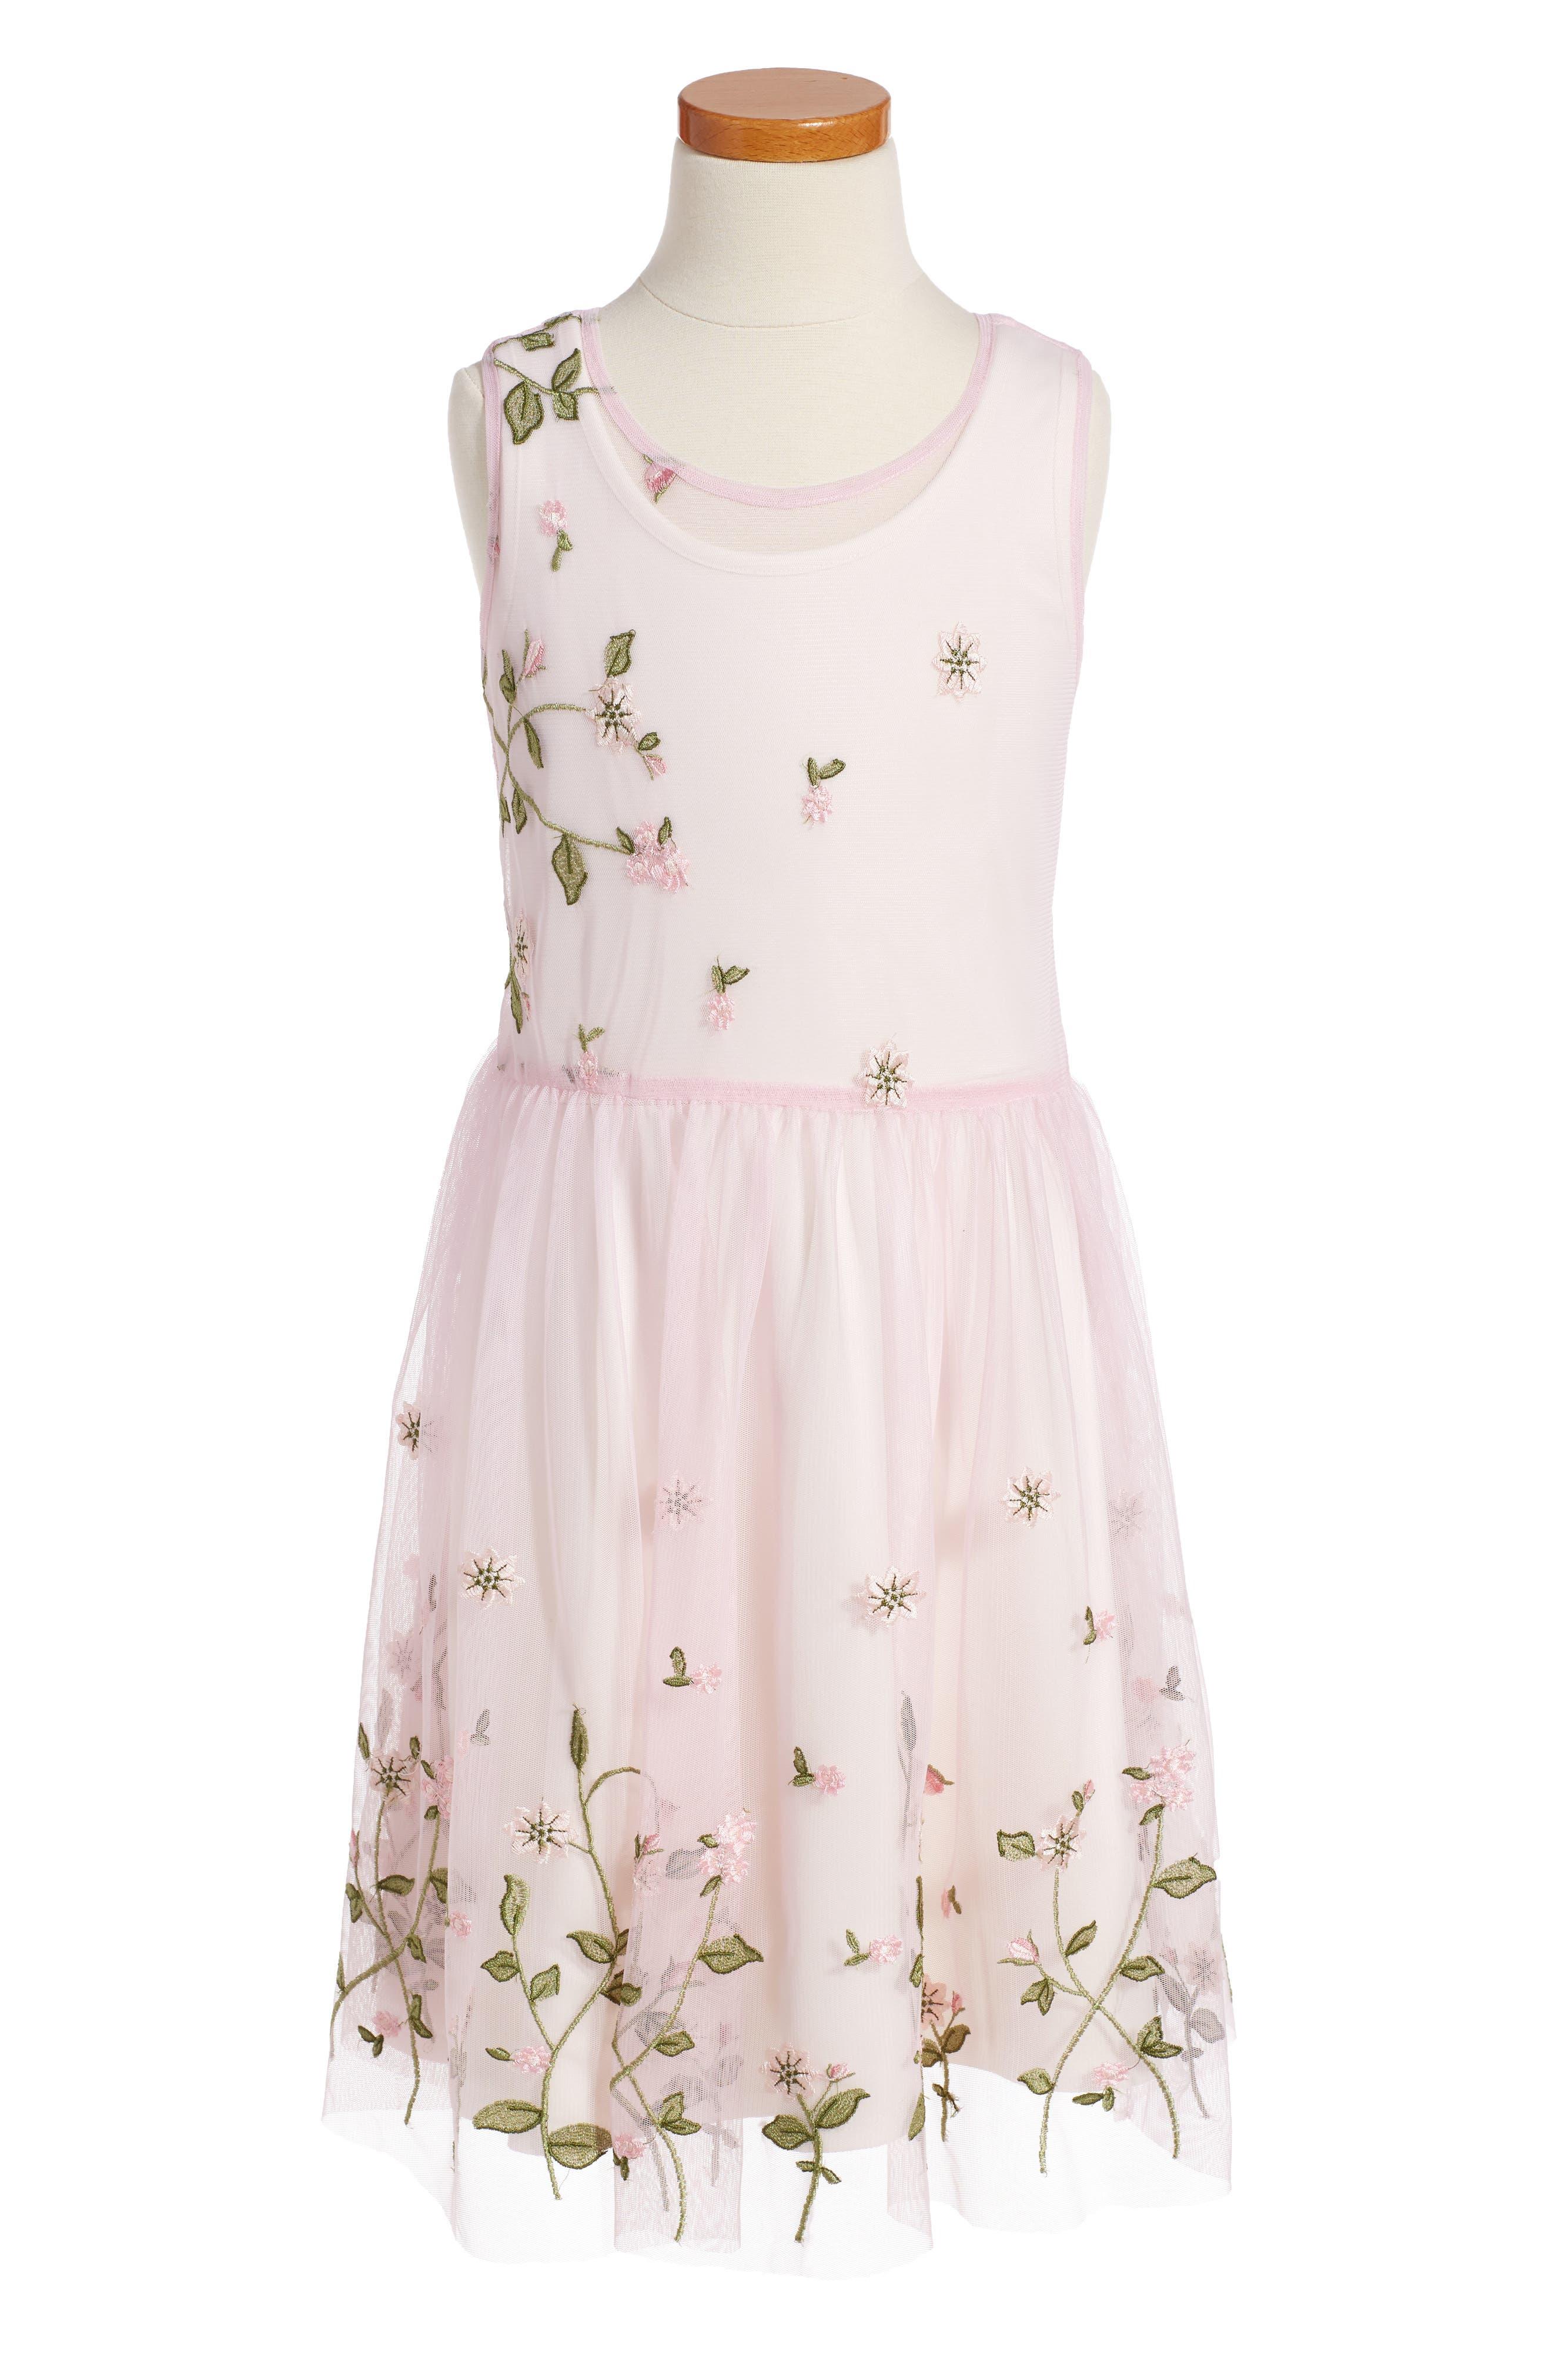 FRAIS Floral Sleeveless Dress